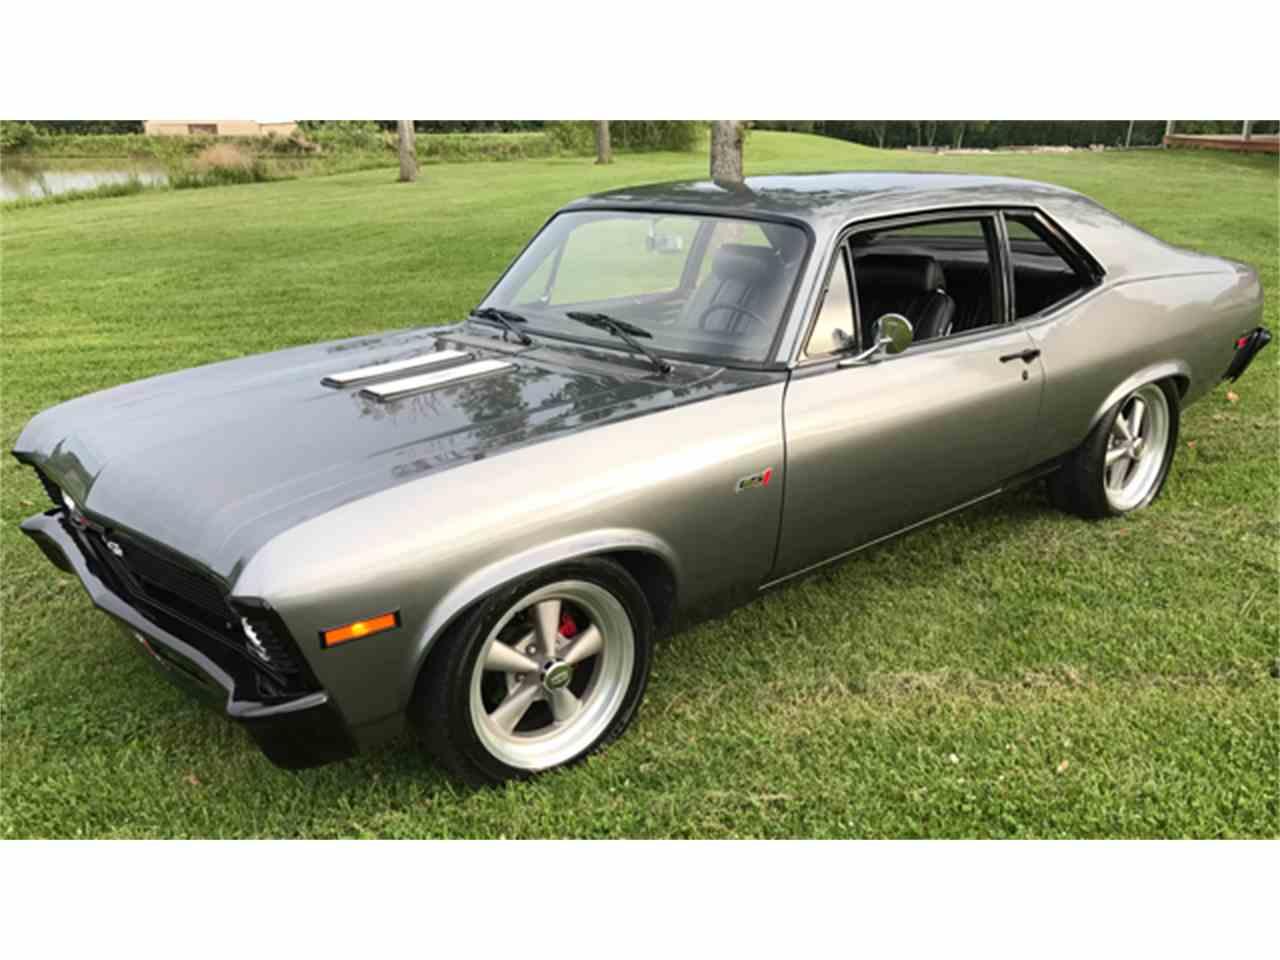 All Chevy 1971 chevrolet nova : 1971 Chevrolet Nova for Sale   ClassicCars.com   CC-989804